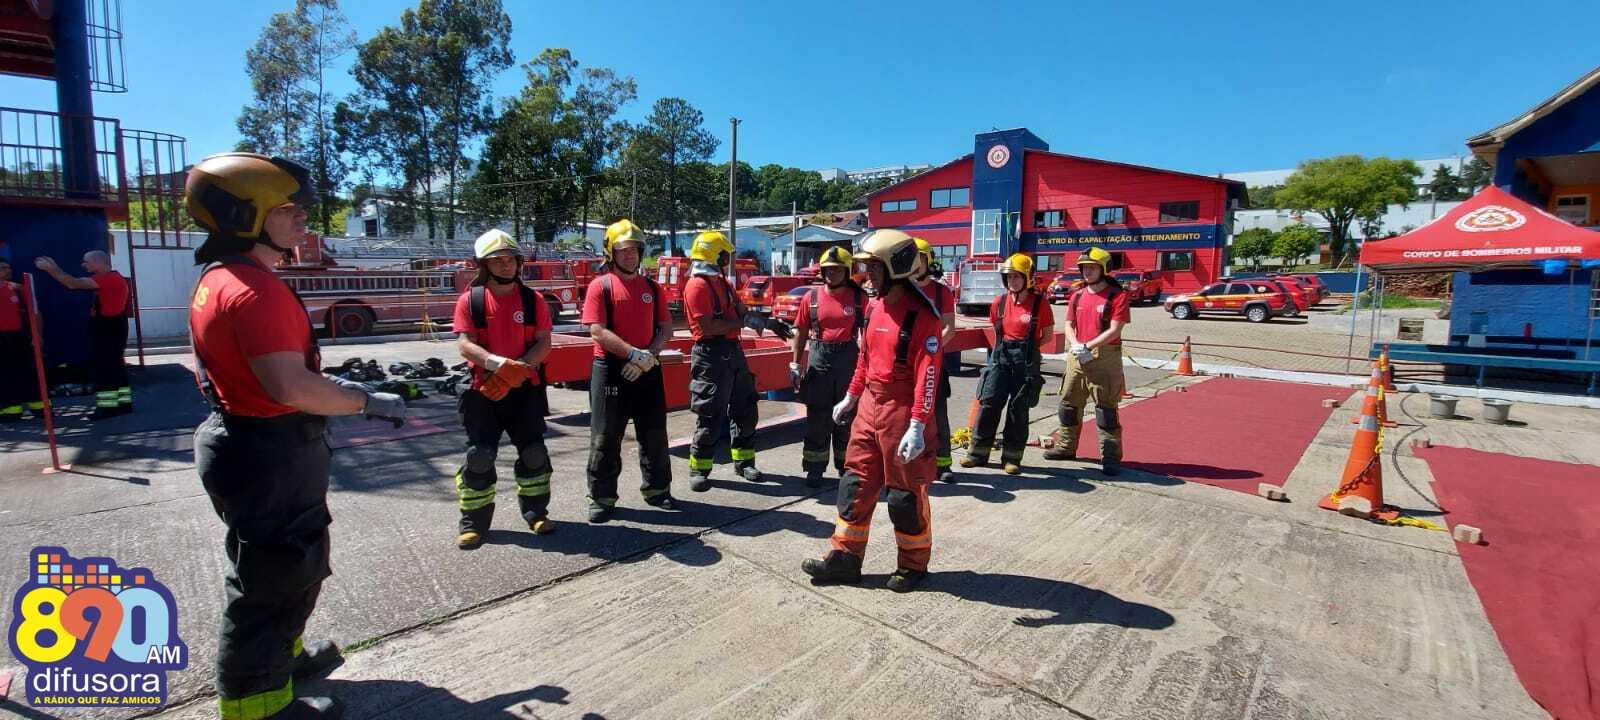 Bombeiros de Bento realizam treinamento de instrutores em combate a incêndio